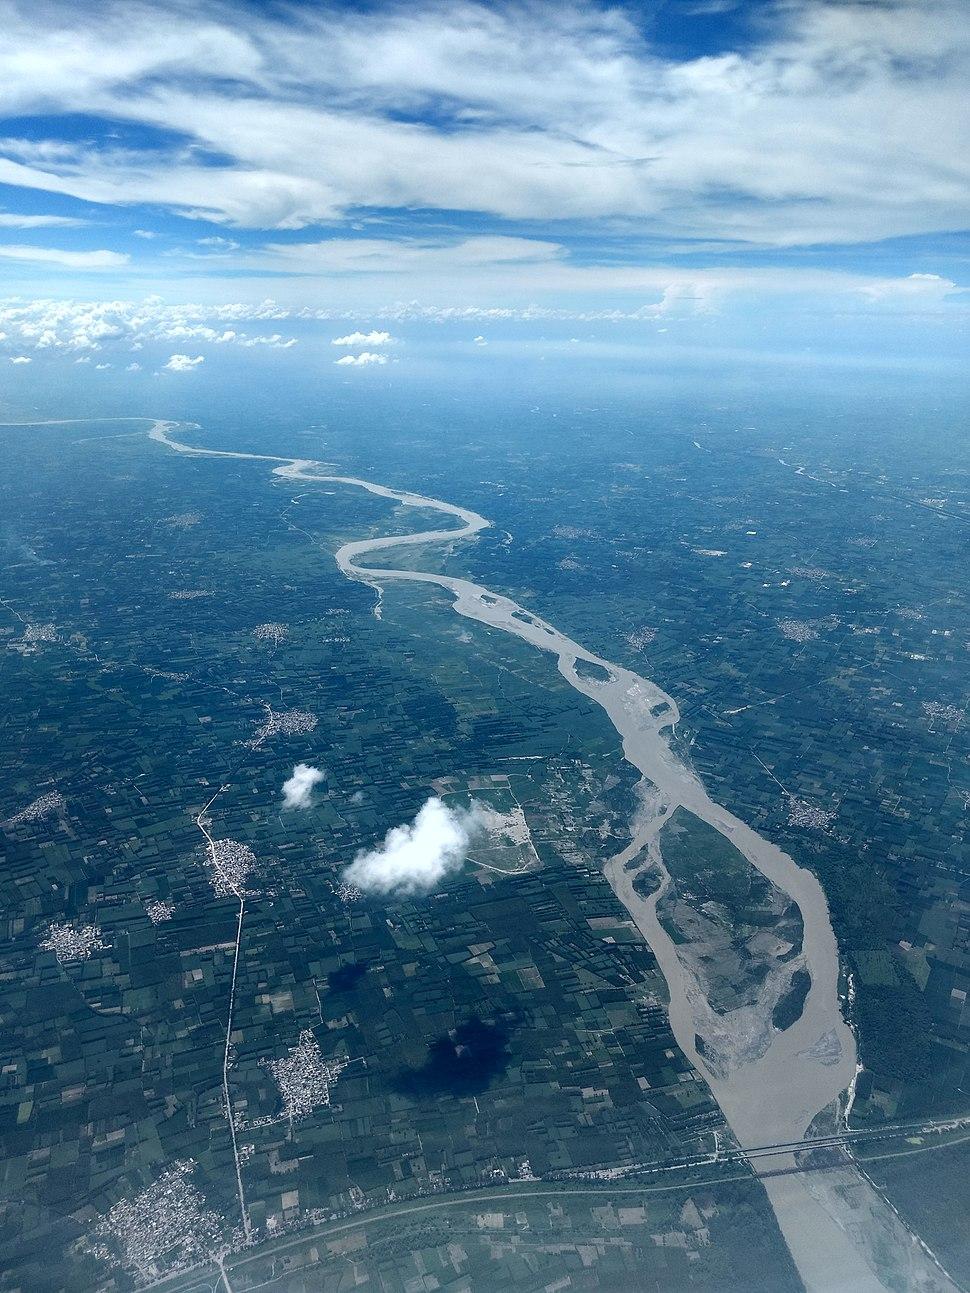 Chandigarh river